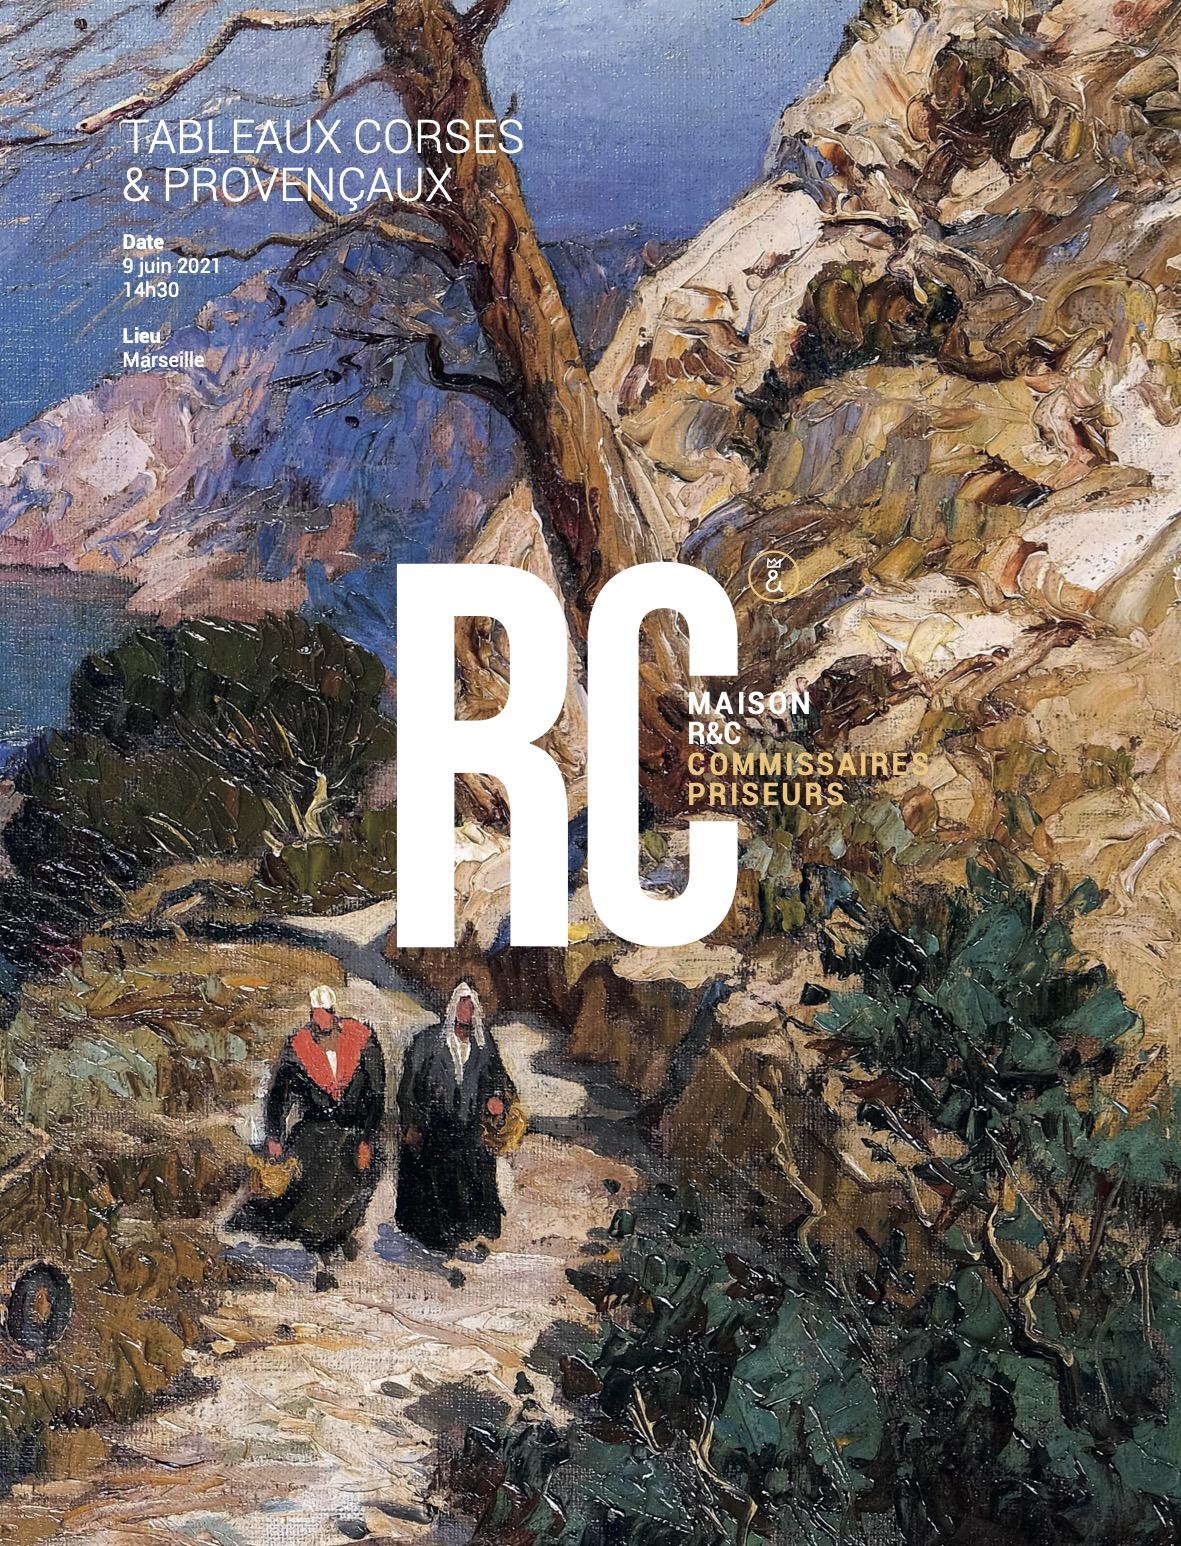 Auction Tableaux Corses et Provencaux  at Maison R&C Commissaires-Priseurs Associés : 258 lots